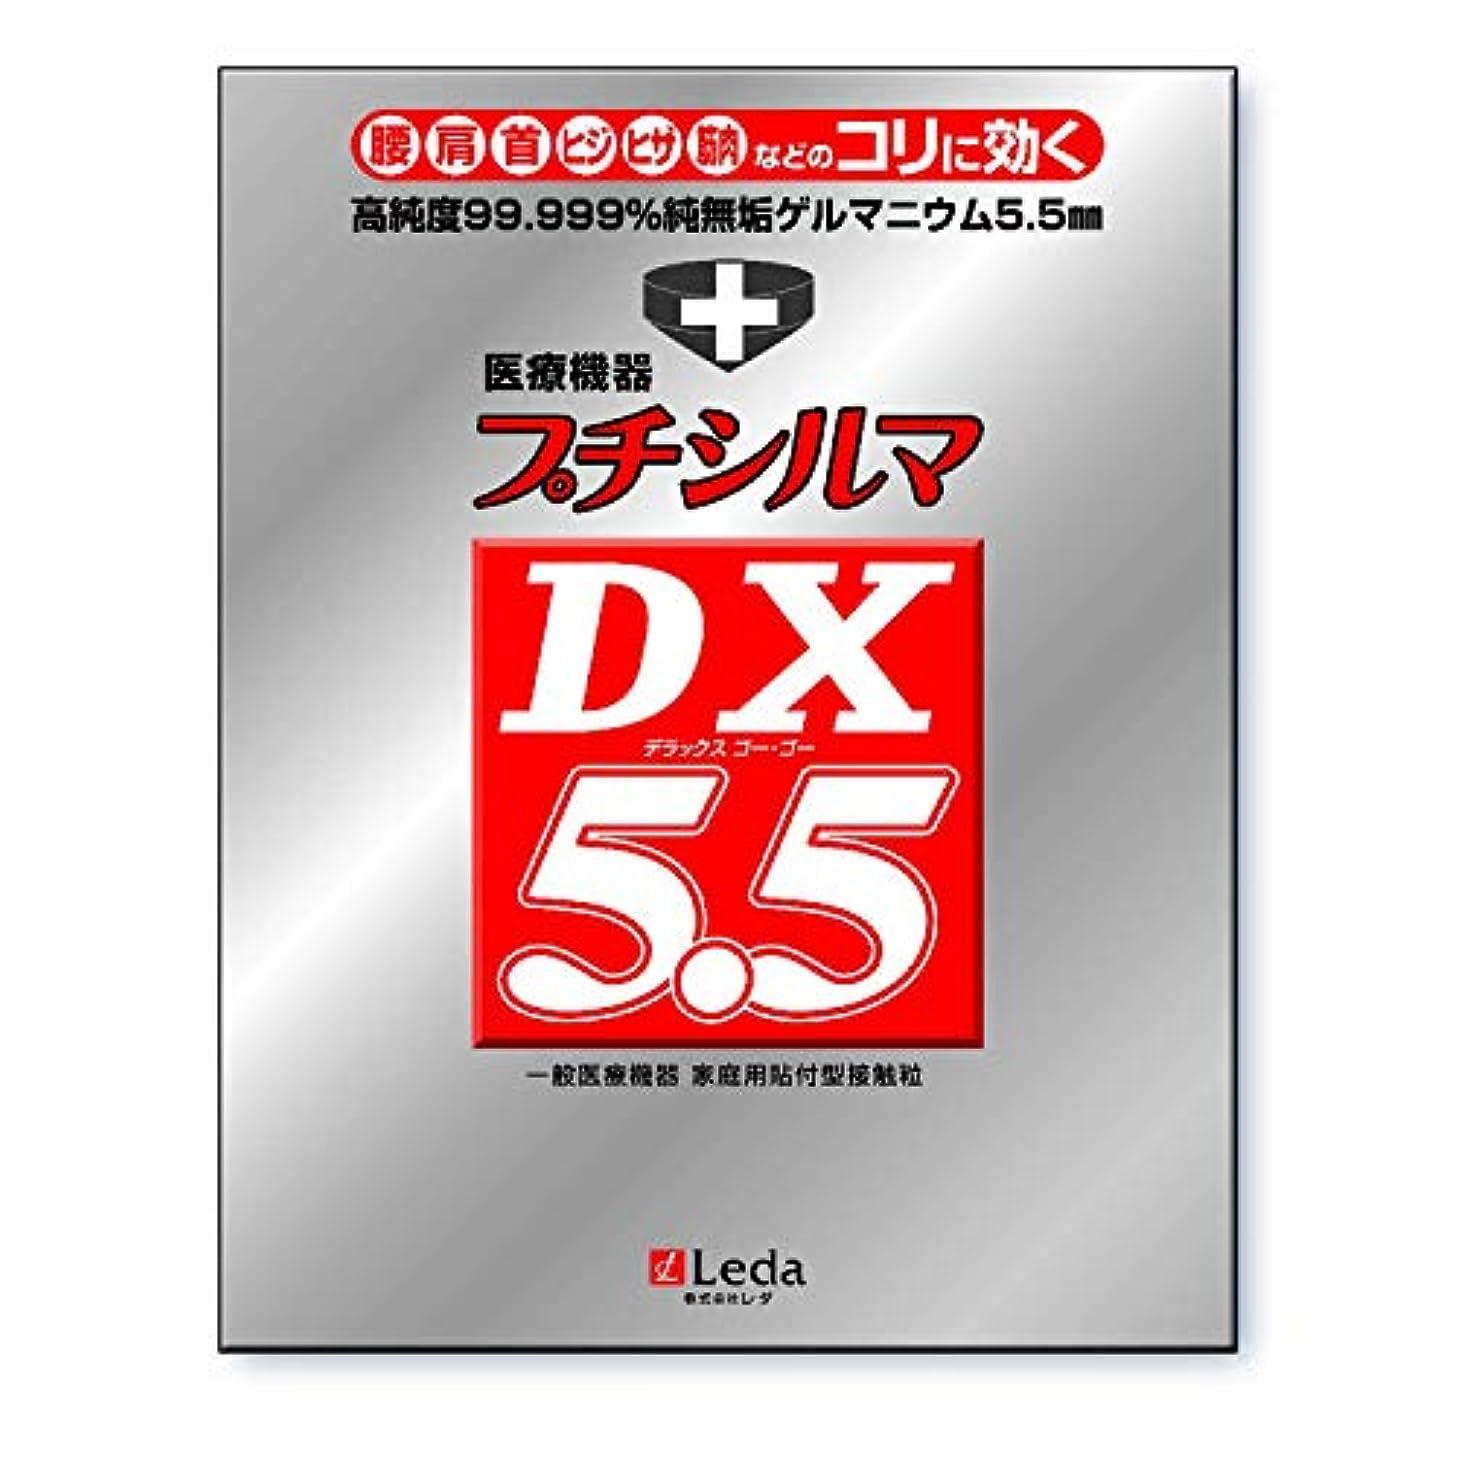 オリエンテーションインキュバス対立プチシルマDX 5.5 お徳用替えプラスター200枚付き